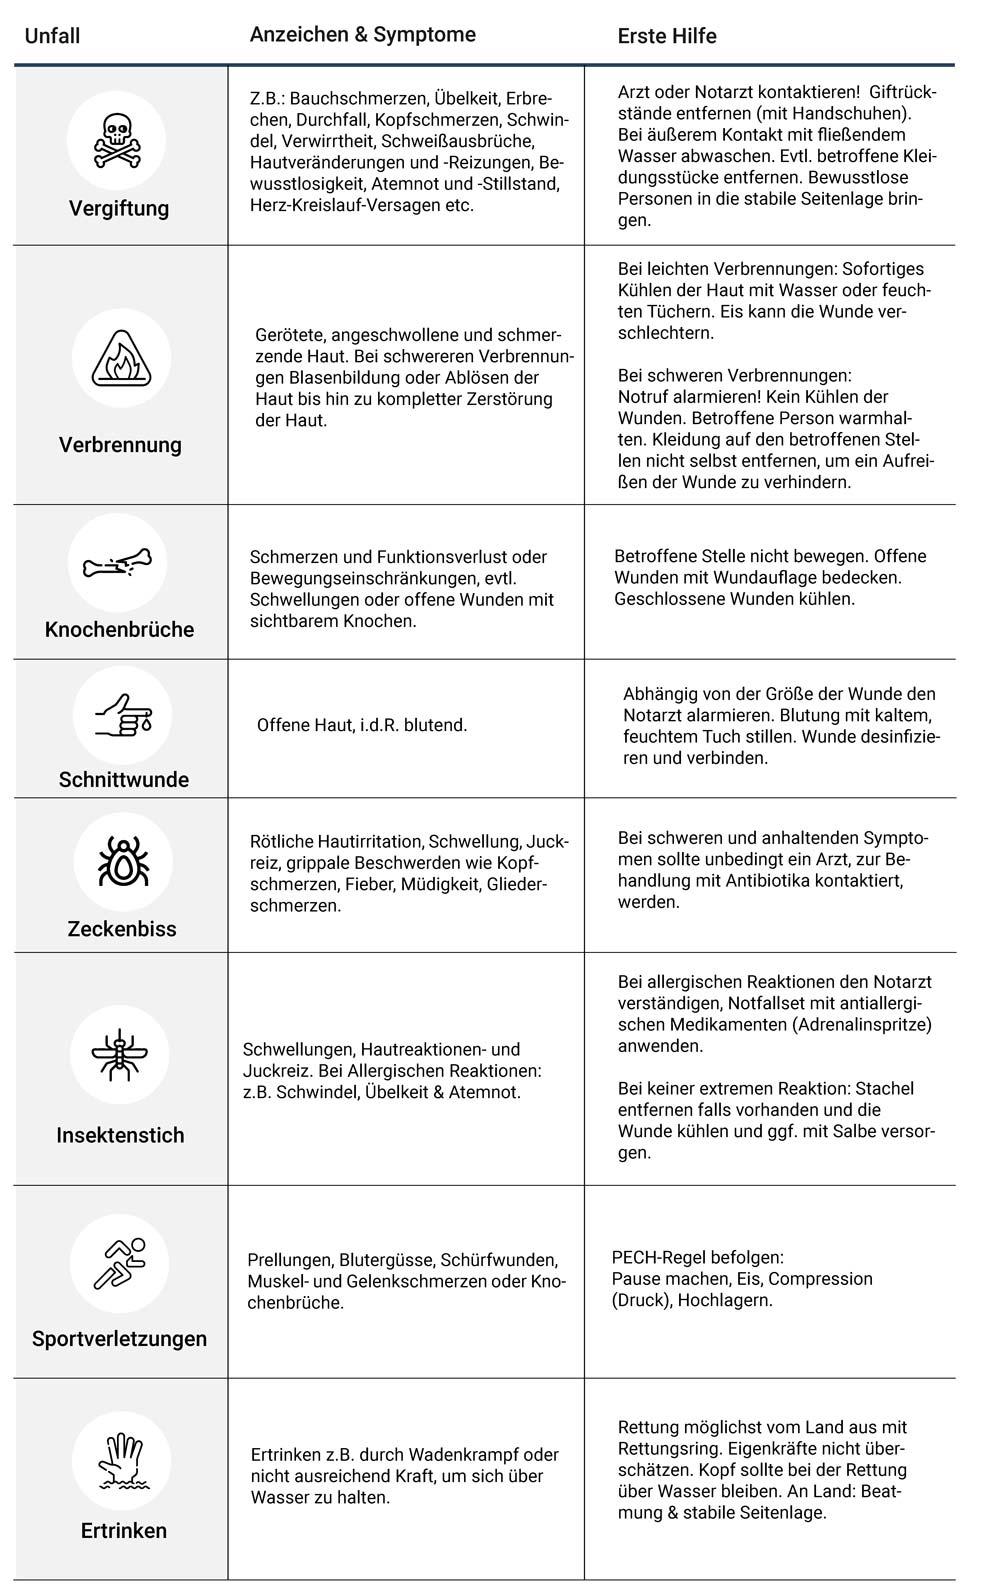 Anzeichen und Symtome bei unterschiedlichen Unfällen und die entsprechenden Erste Hilfe Maßnahmen